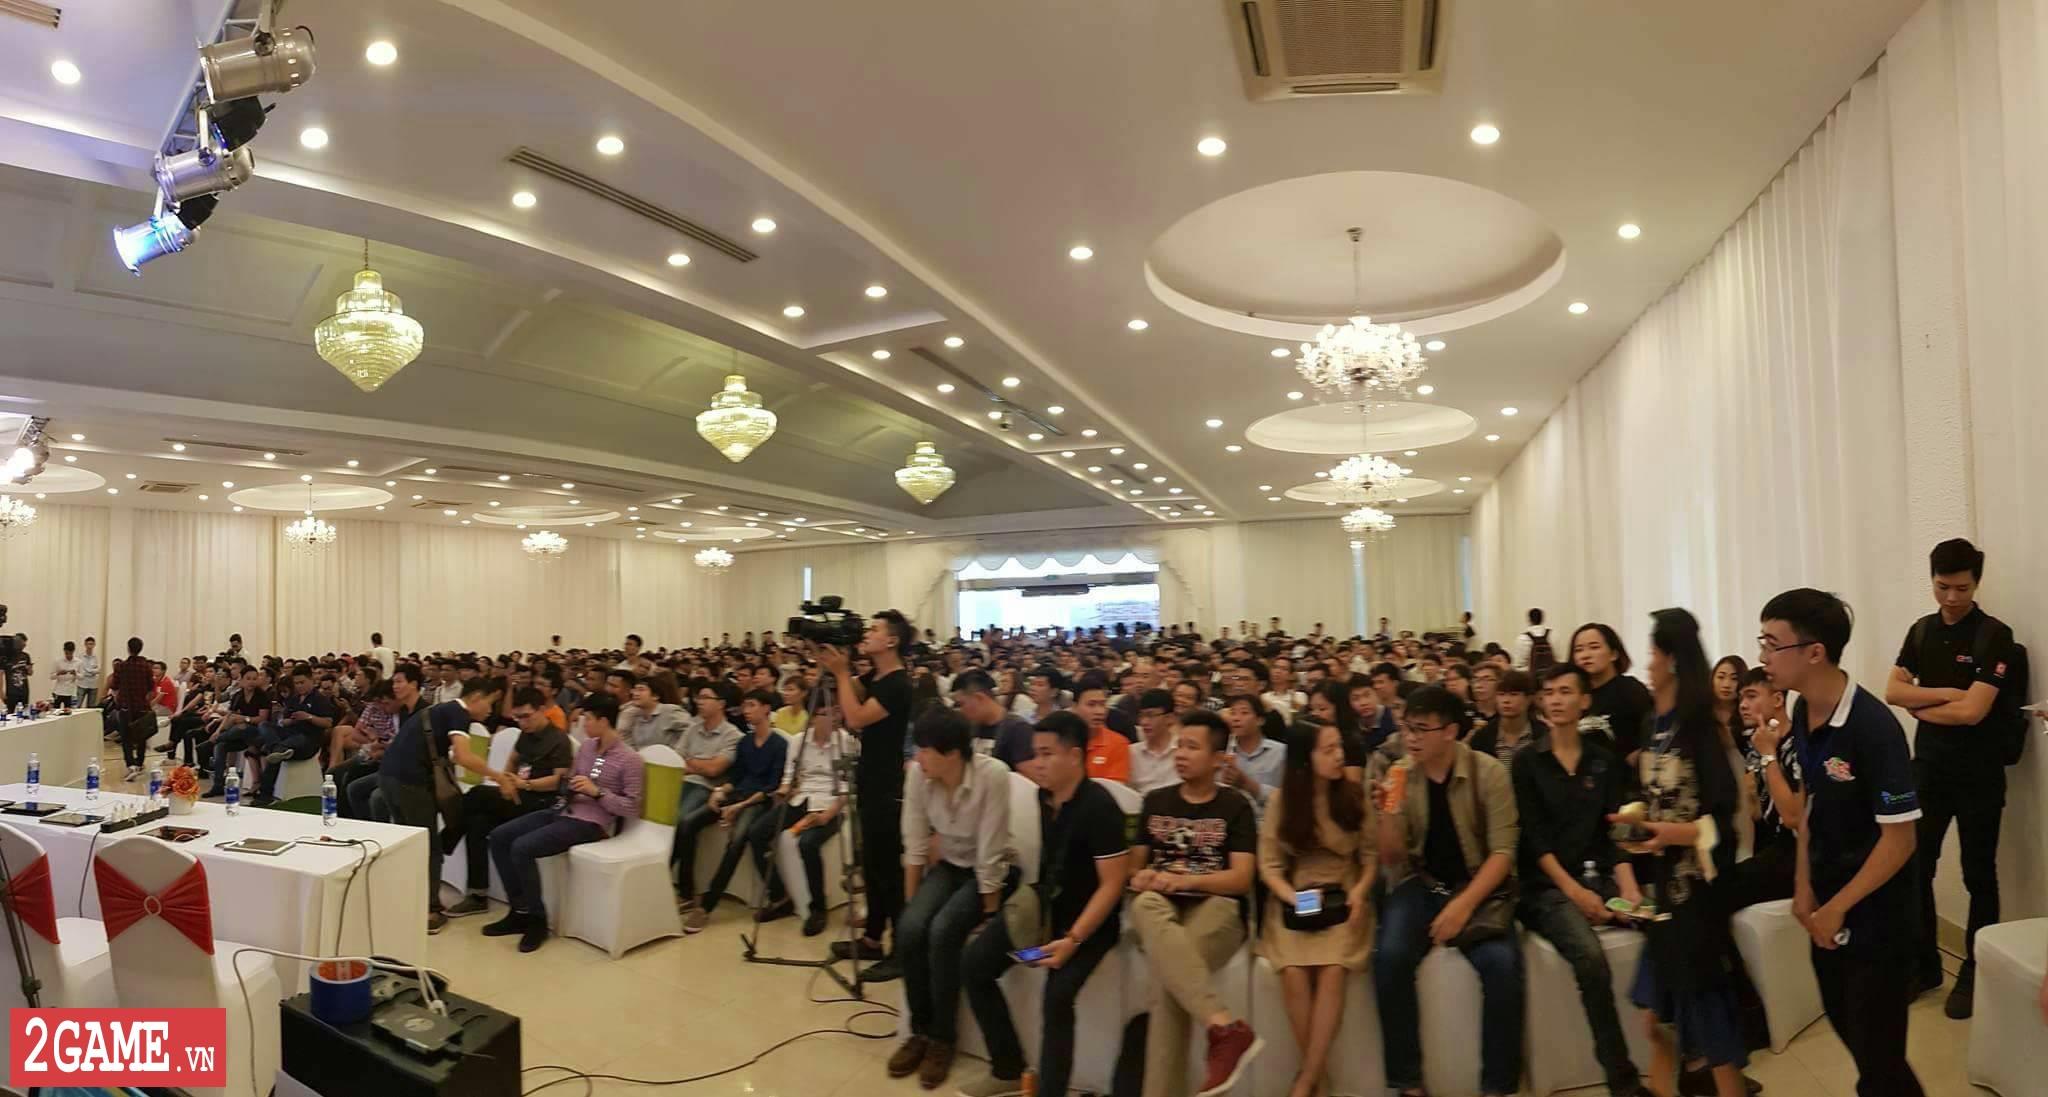 Tru Tiên 3D Gamota vẫn giữ được nhiệt sau hơn 6 tháng ra mắt thị trường game Việt 4